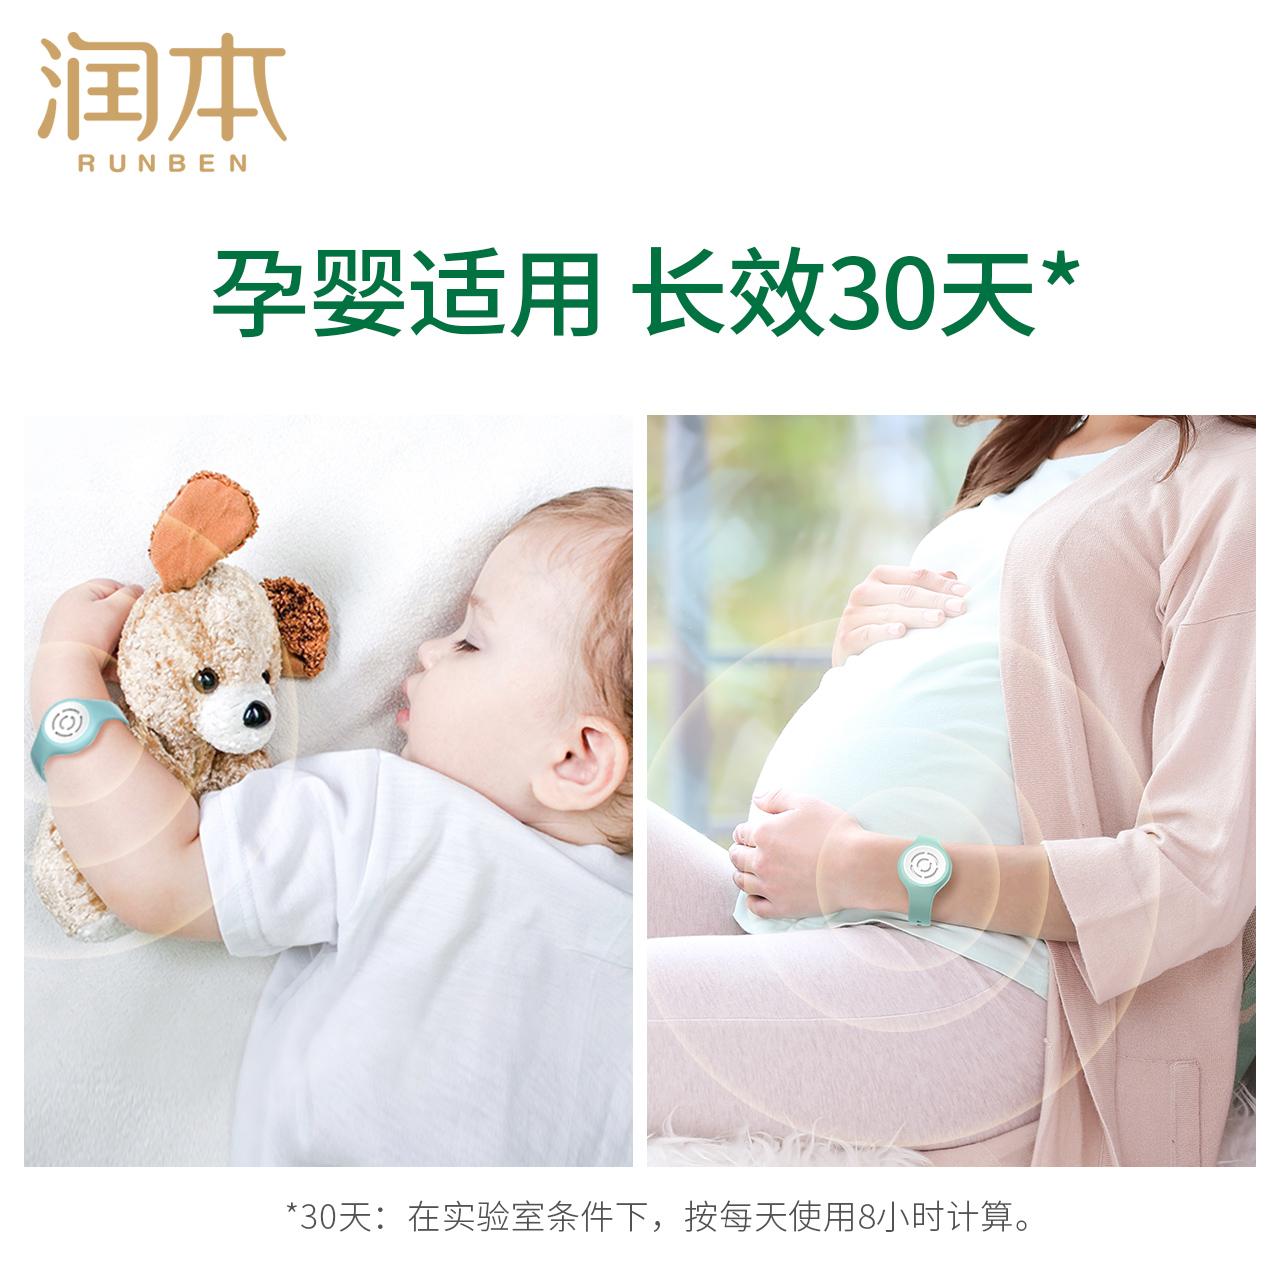 润本驱蚊手环大人婴儿童户外防蚊神器便携随身少女宝宝防蚊手环表